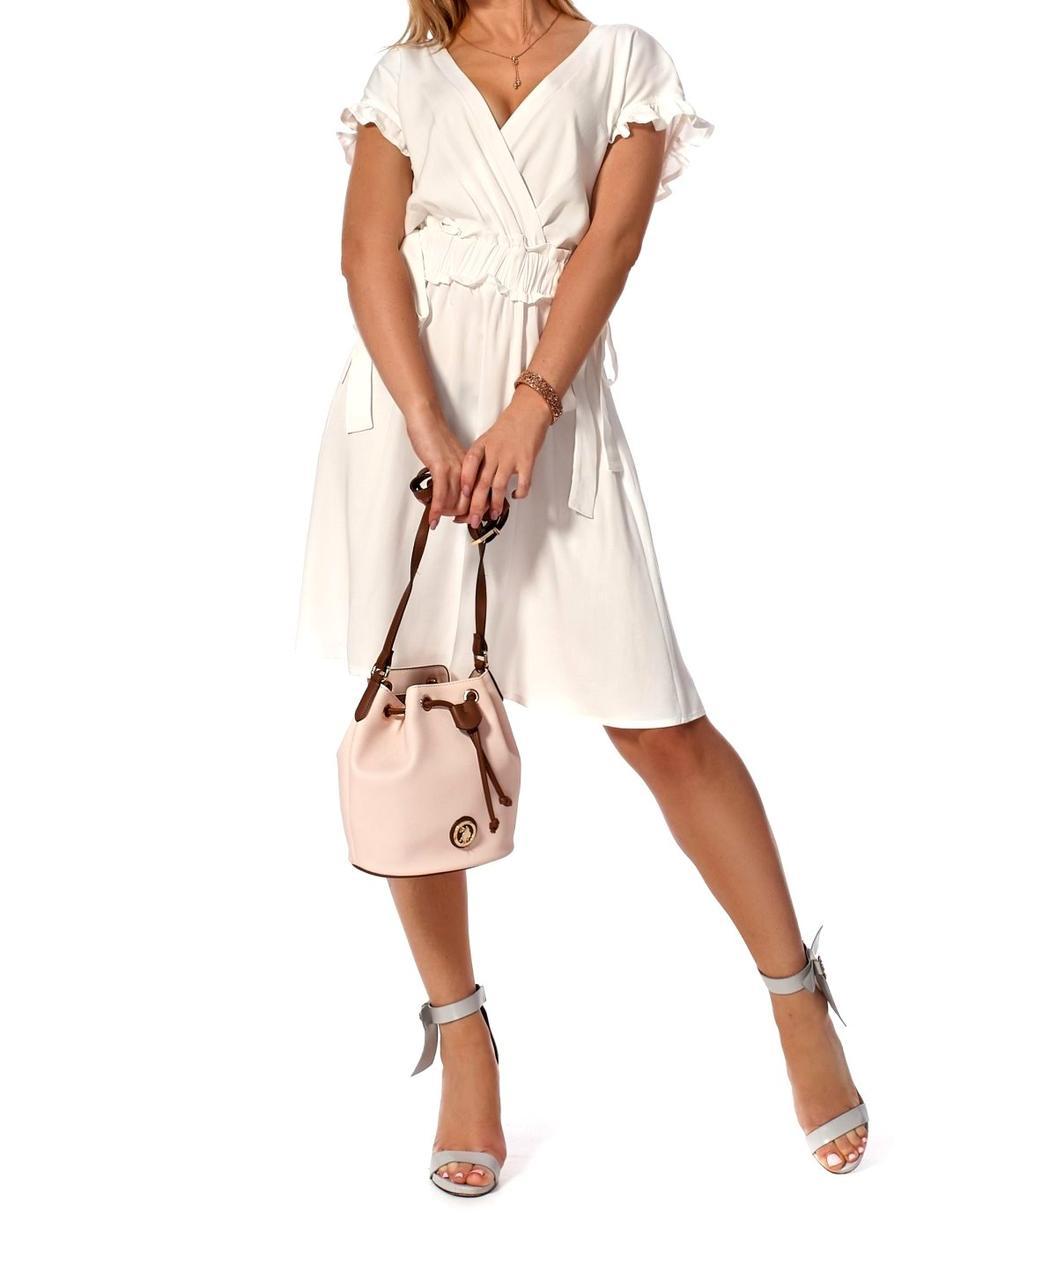 Платье коктельное молодежное в белом цвете